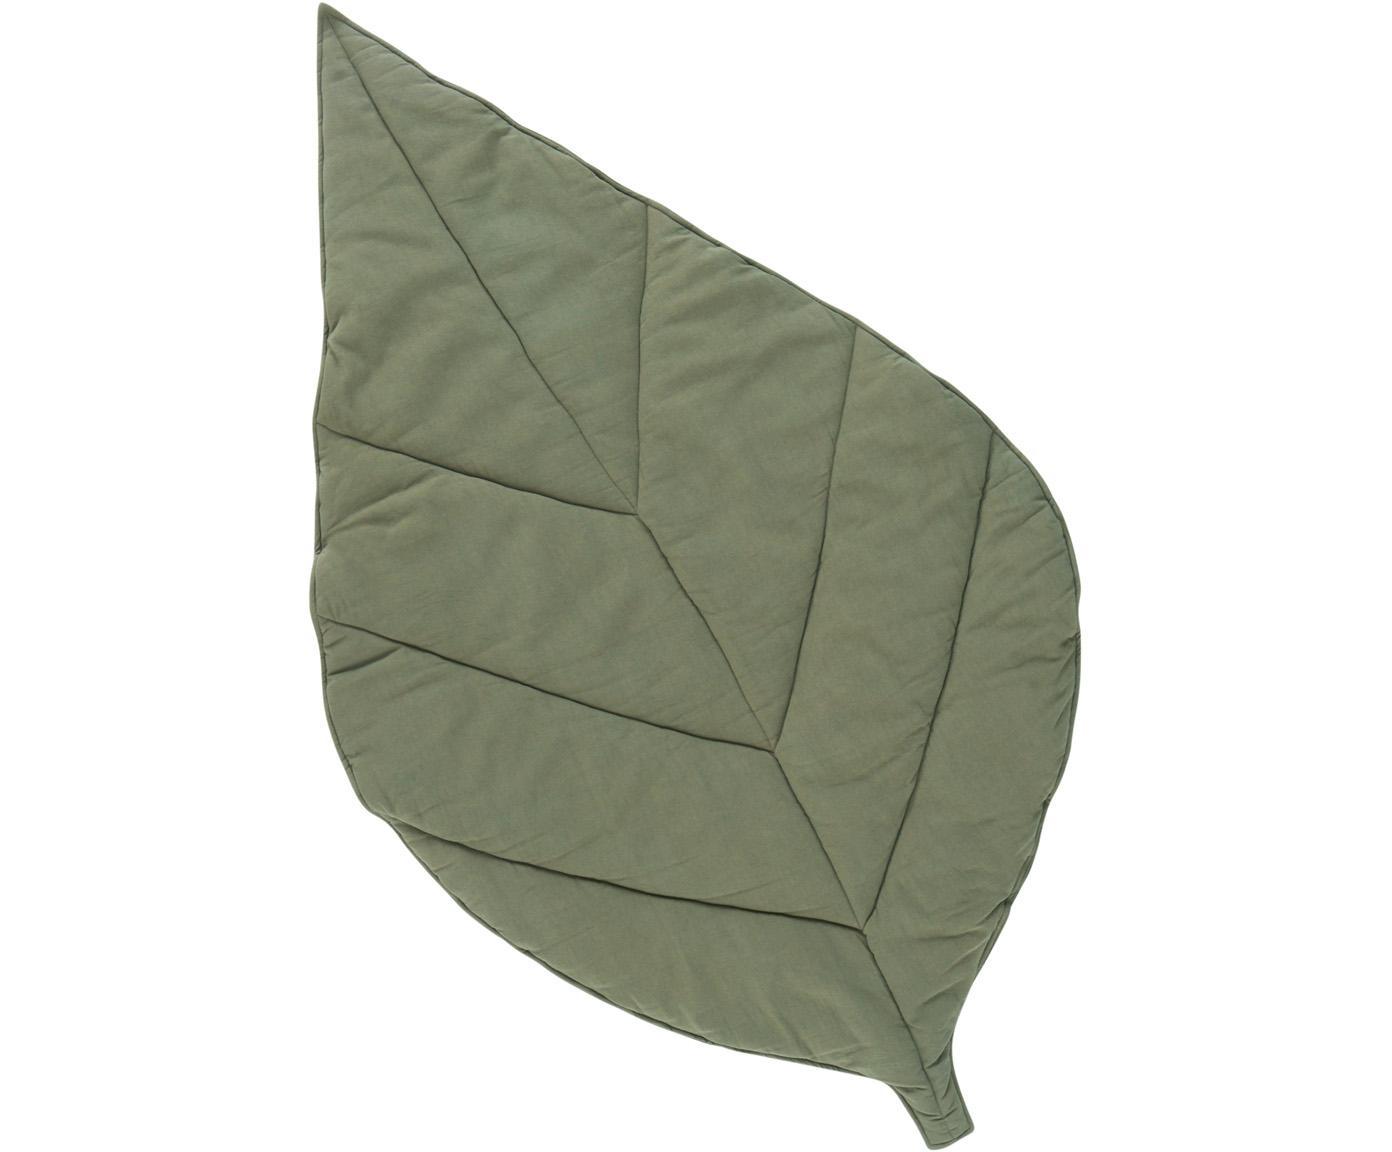 Mata do zabawy Keaton, Tapicerka: 100% bawełna organiczna, Zielony, S 100 x D 165 cm